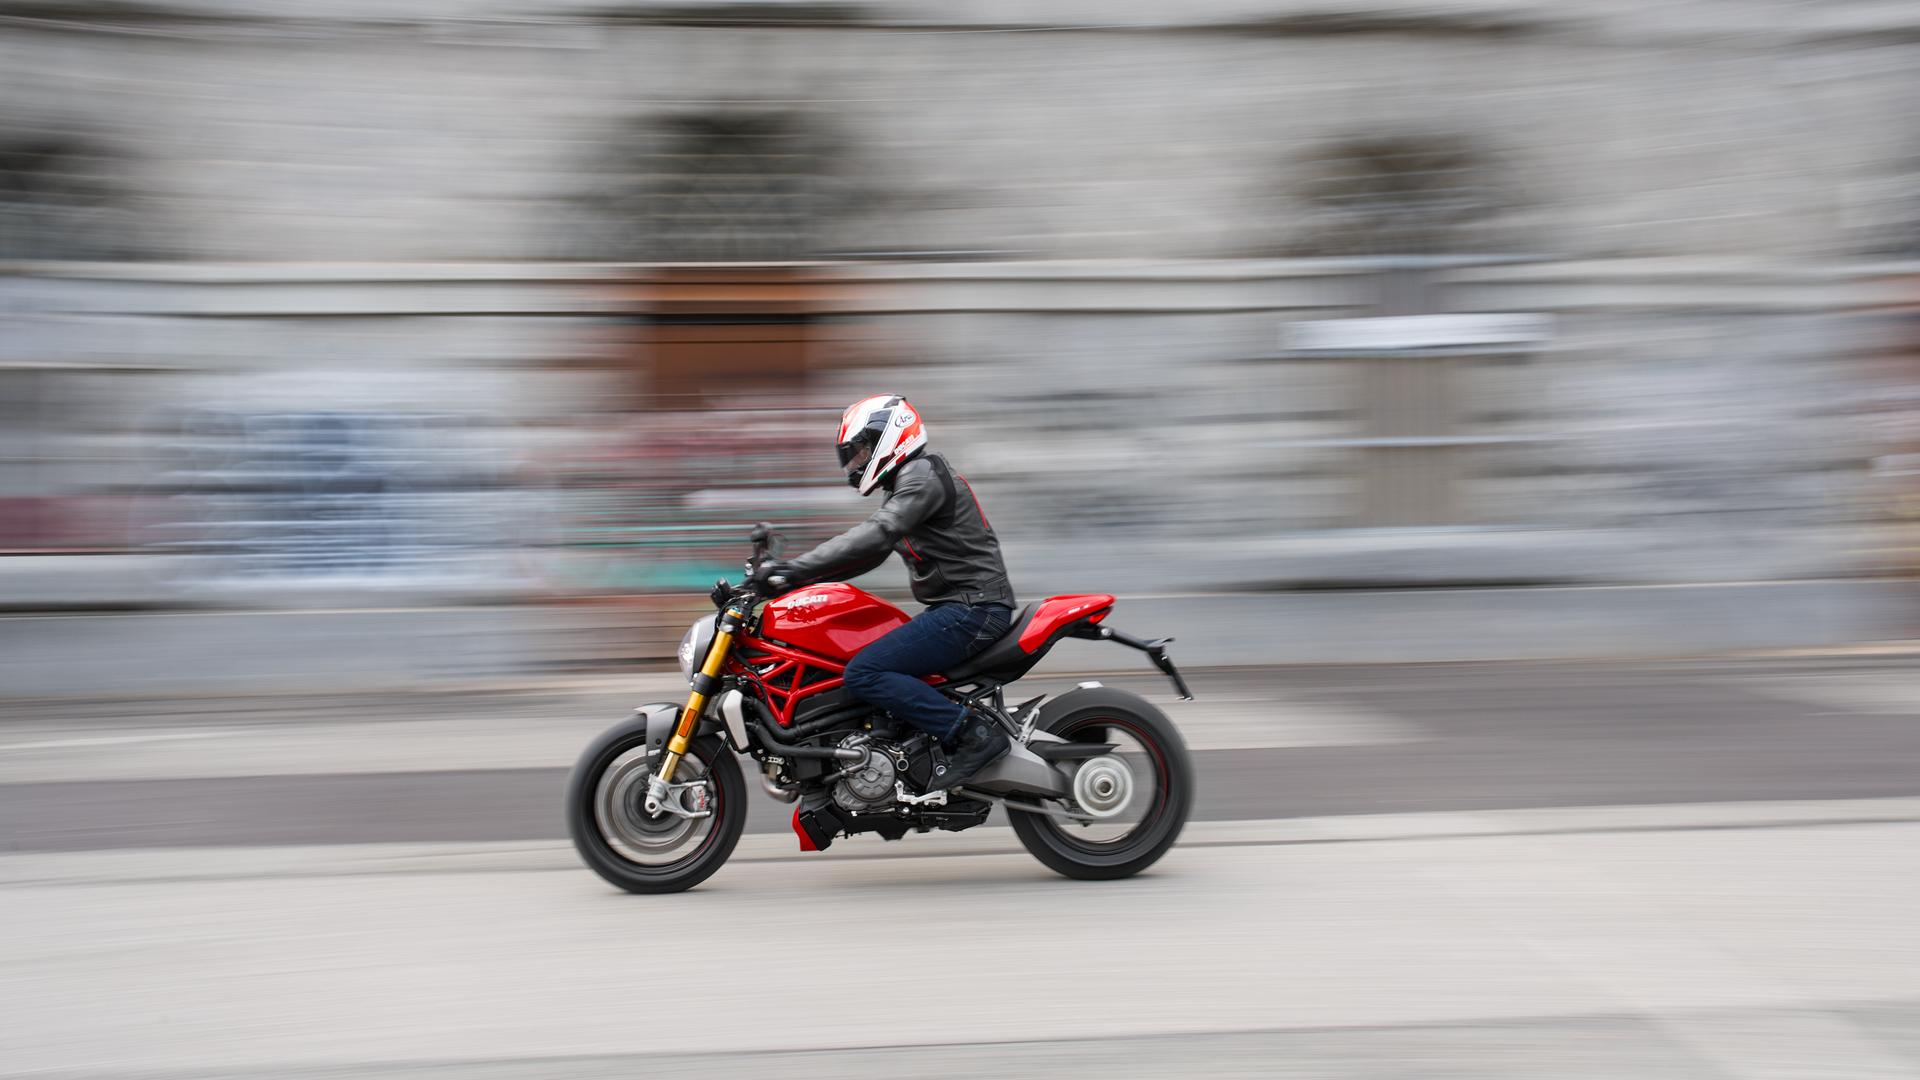 Ducati Monster 1200 Unverkleidet Und Hochleistungsfhig Multistrada 1100s Wiring Diagram Auf Den Kurvenreichen Straen Wo Hufiges Schalten Der Ordnung Steht Eine Bedeutende Hilfe Das Dqs Ist Bei Als Zubehr